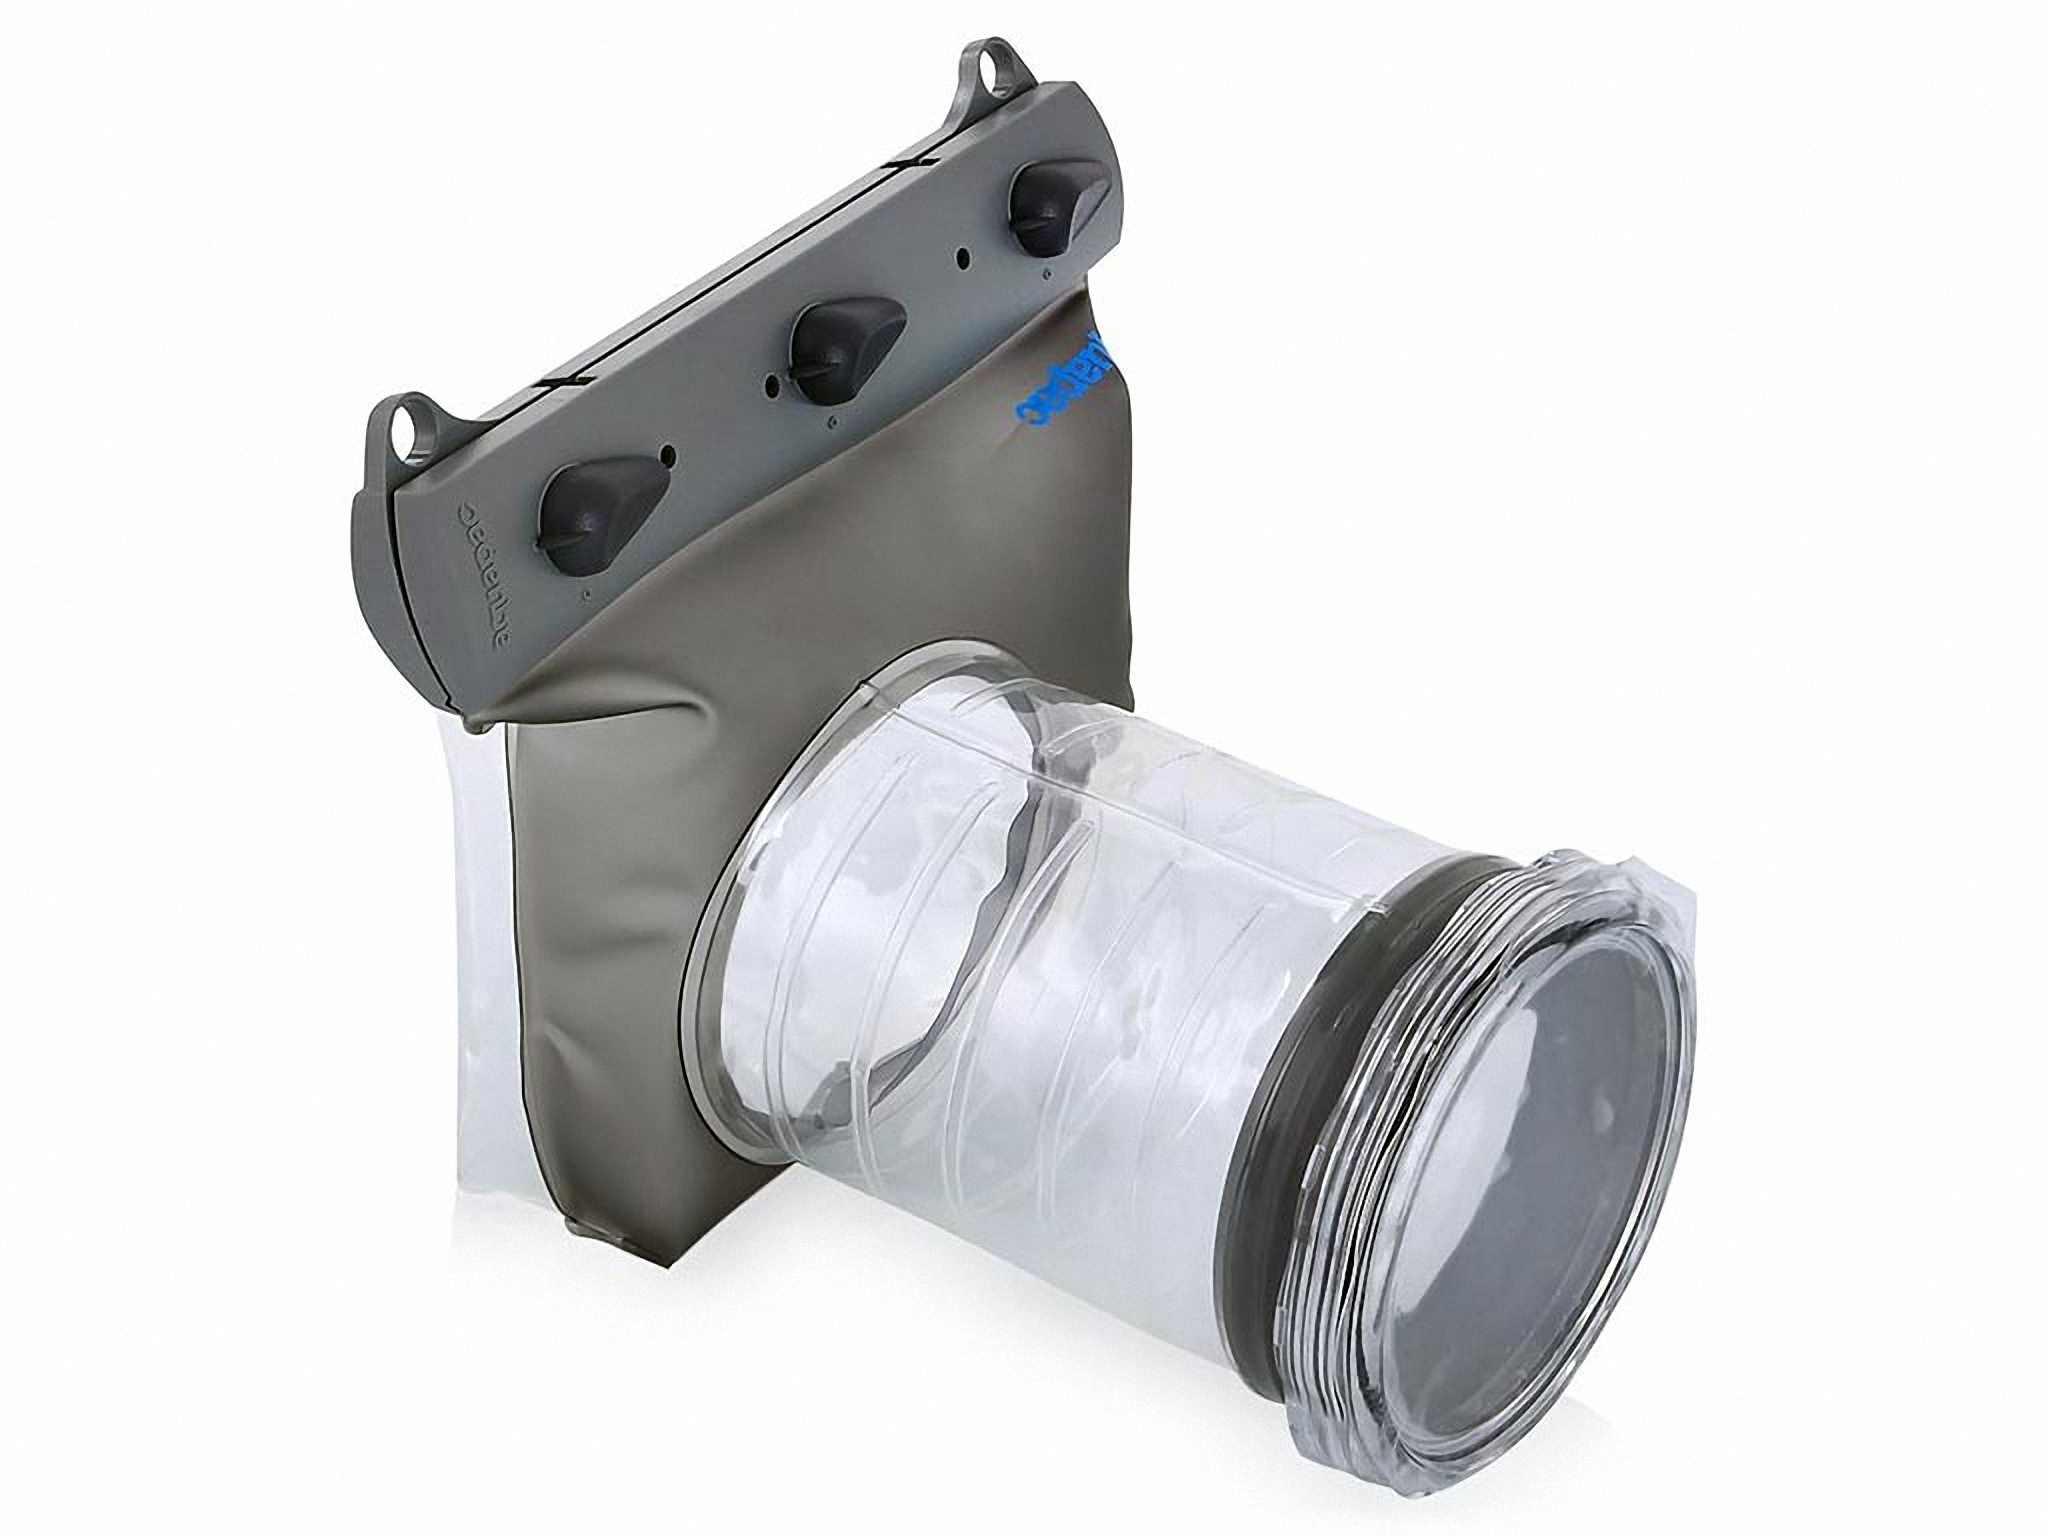 Водонепроницаемый чехол для фотоаппарата - Aquapac 451. Aquapac - №1 в мире водонепроницаемых чехлов и сумок. Фото 6